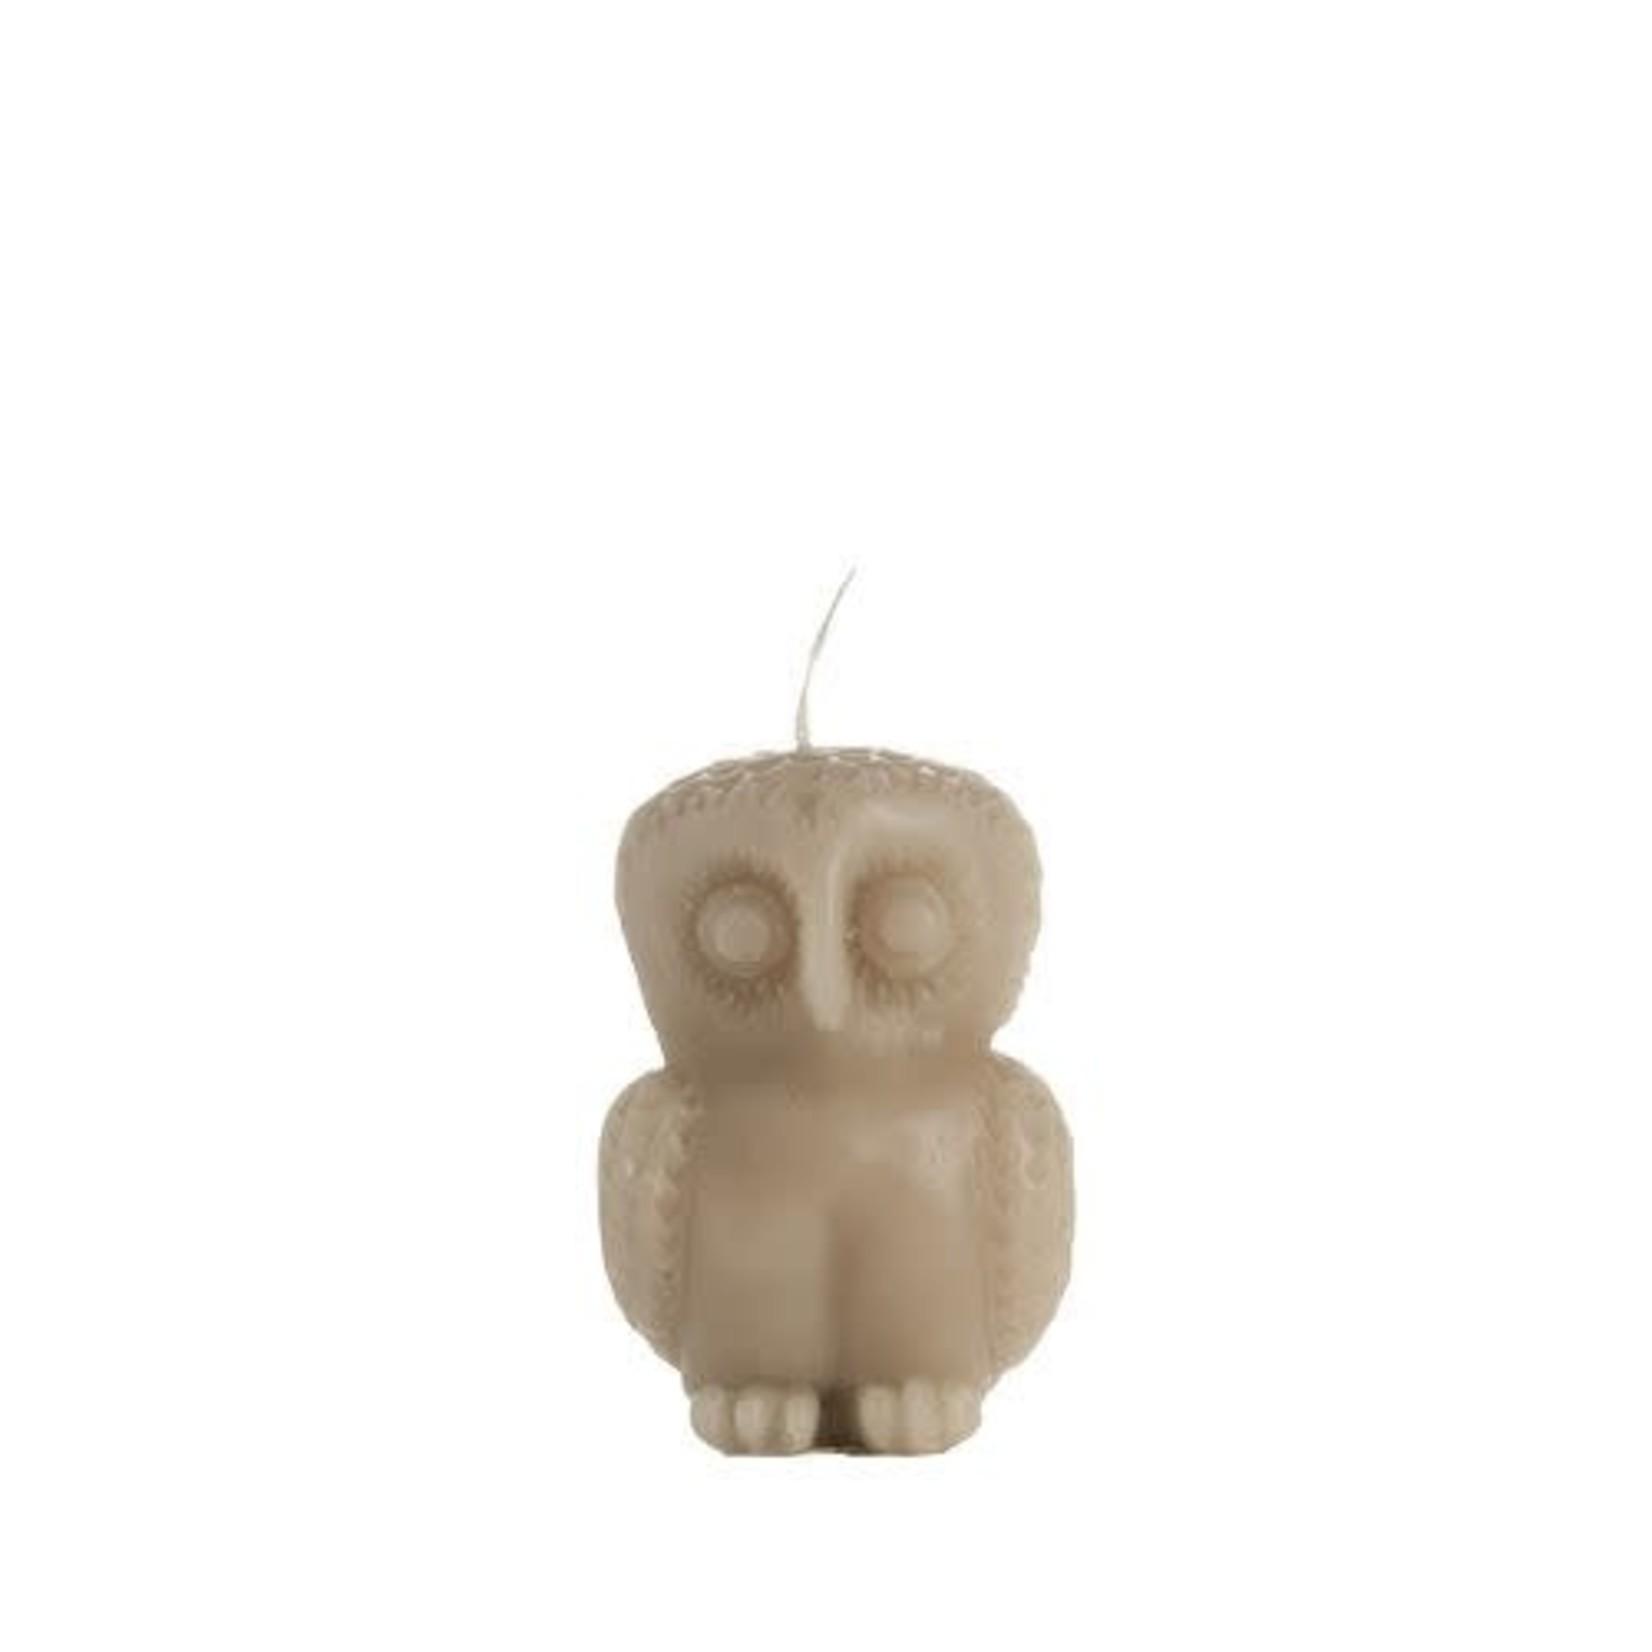 Rustik Lys • figuurkaars kleine uil olifantgrijs